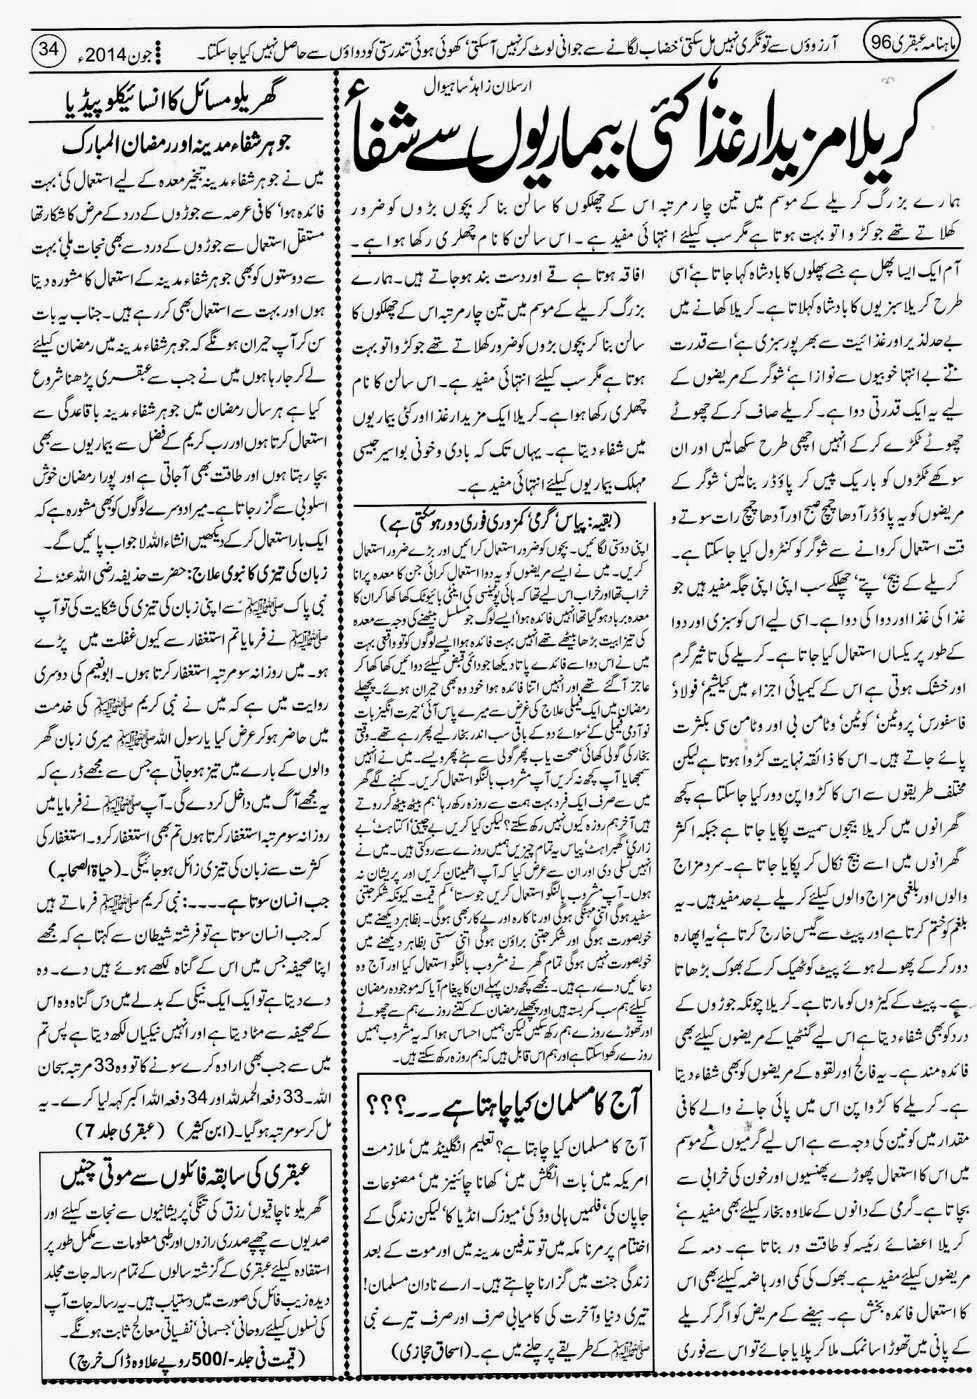 ubqari june 2014 page 34